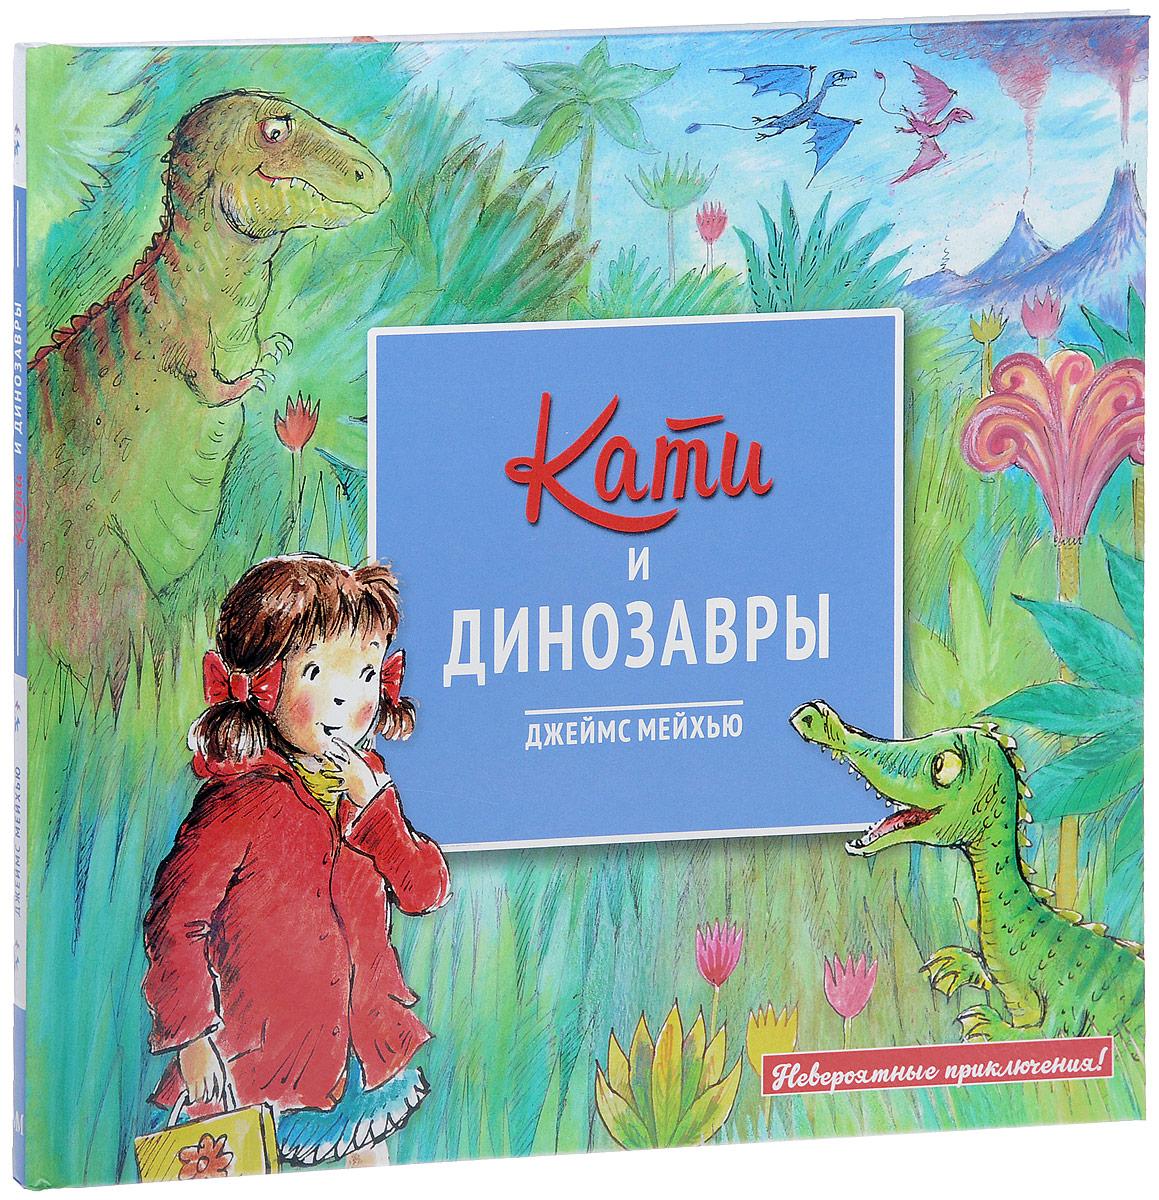 Джеймс Мейхью Кати и динозавры мейхью джеймс кати в картинной галерее